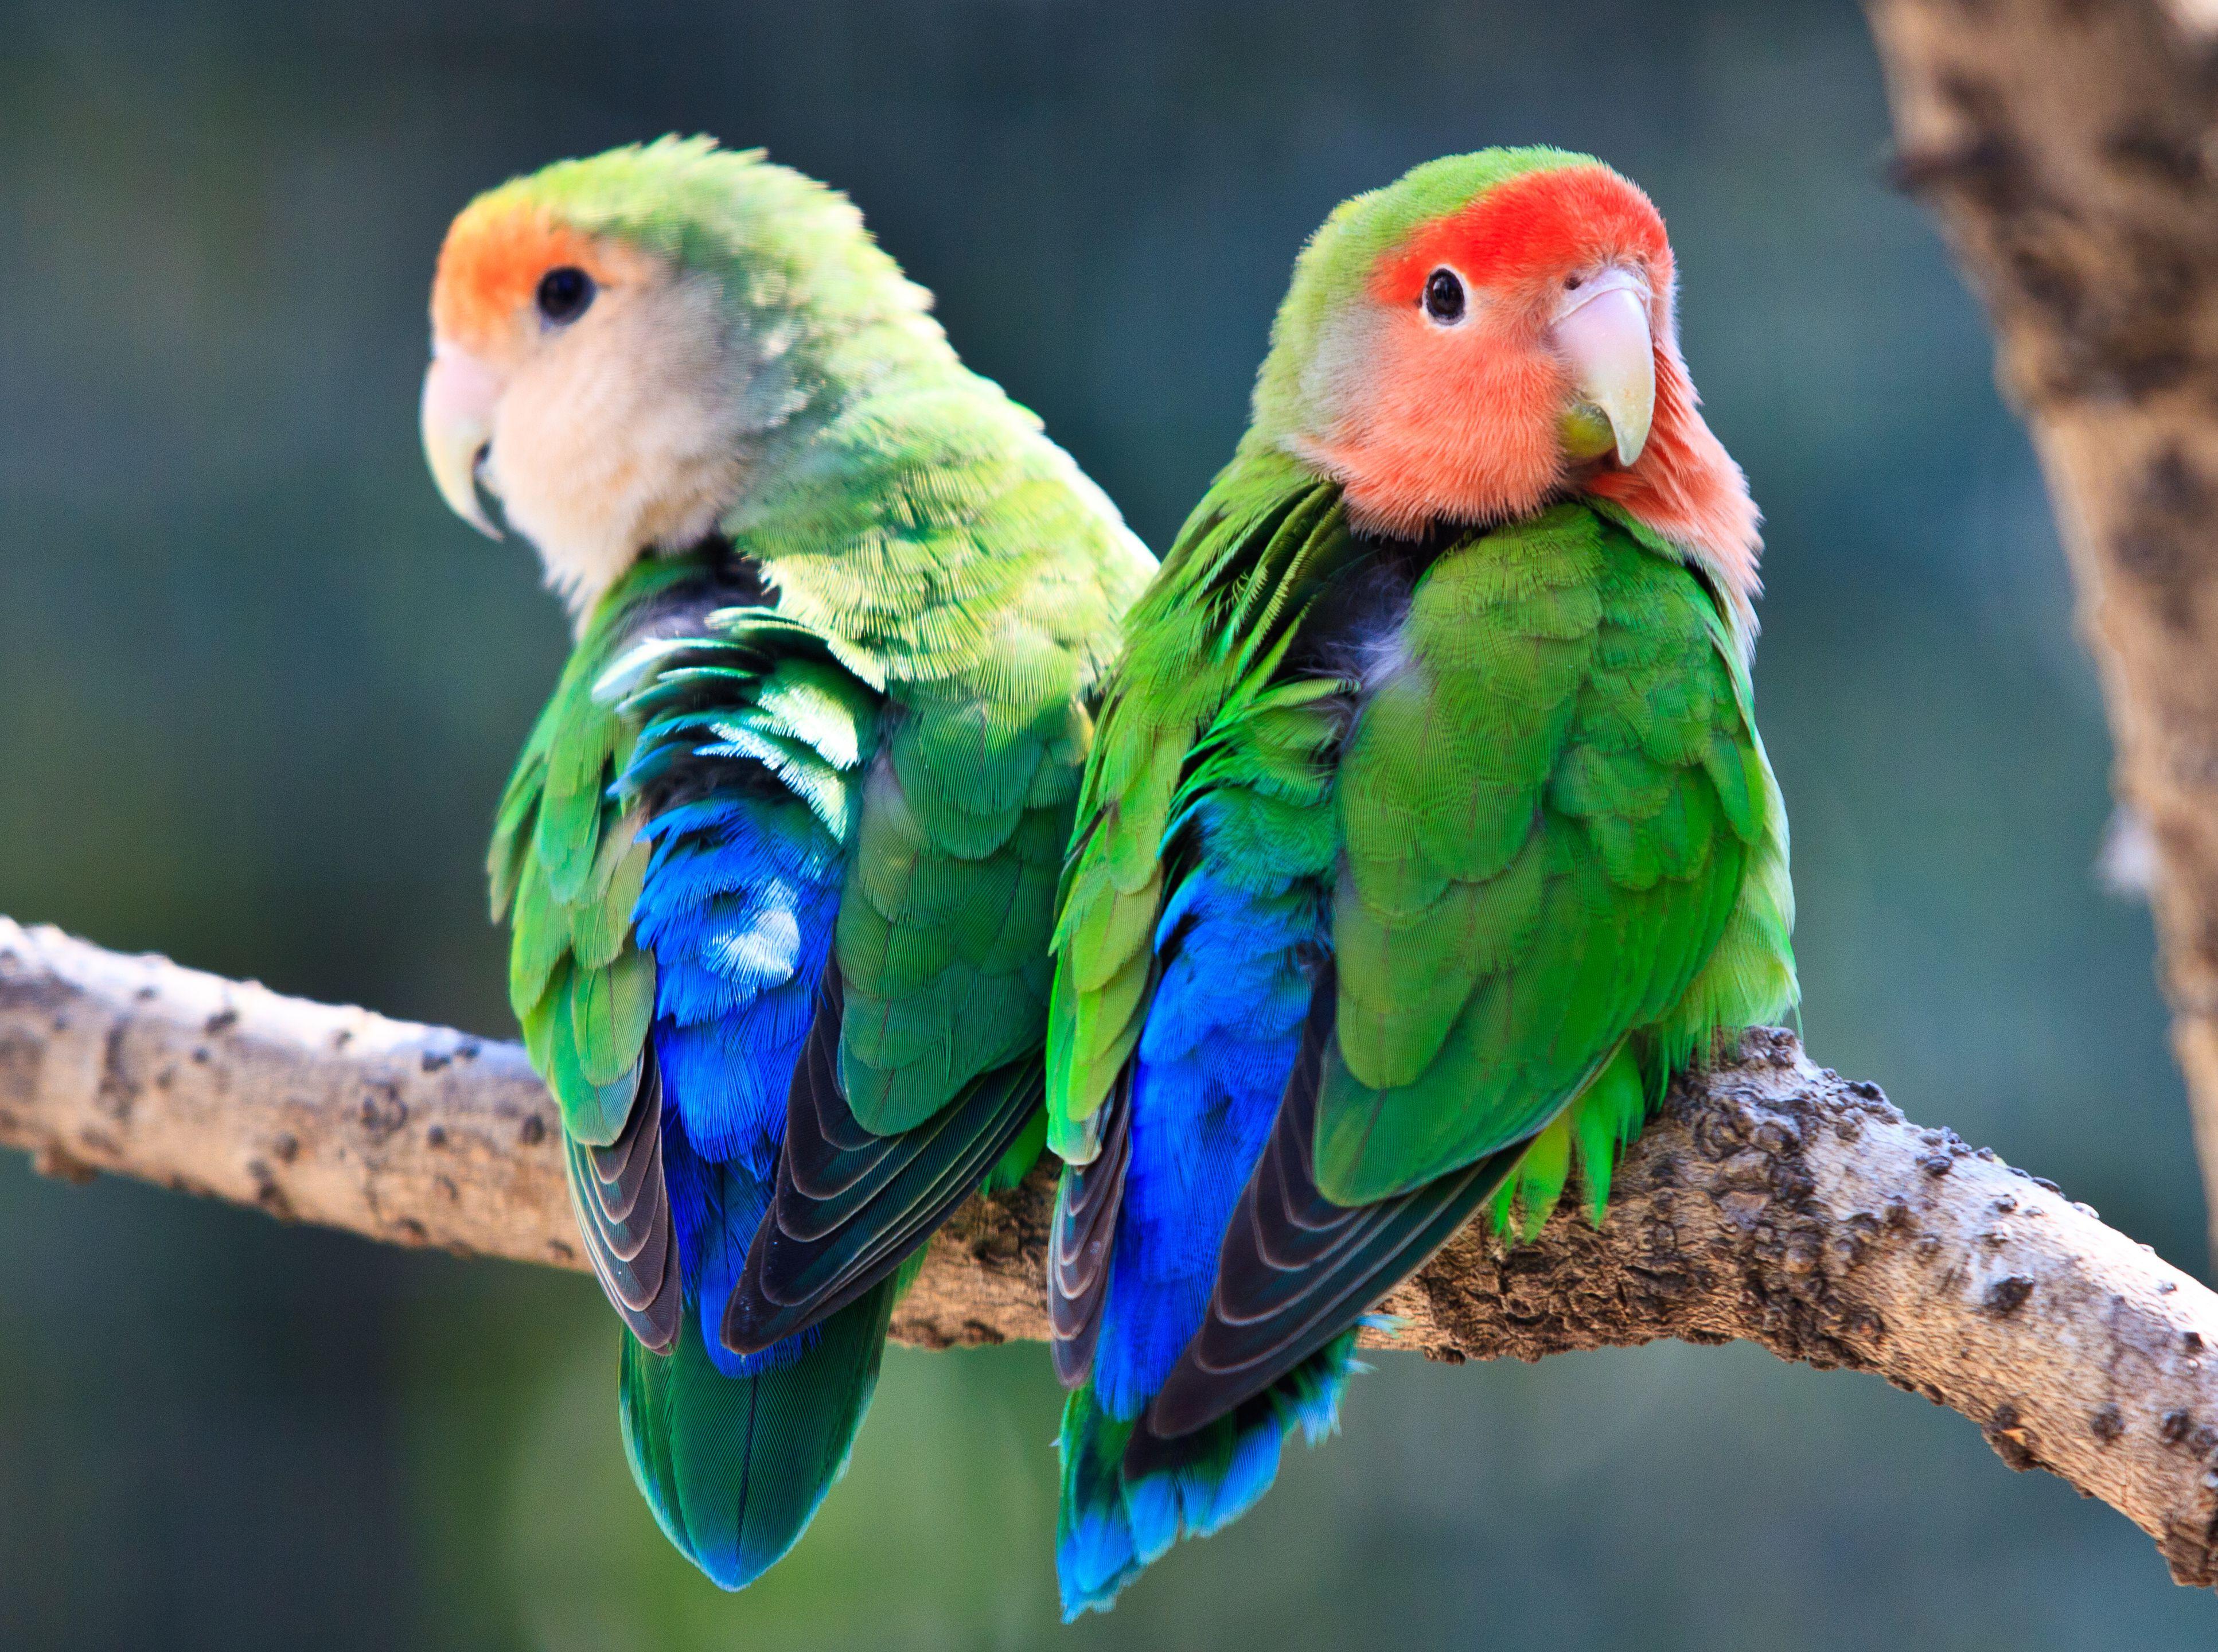 dos tortolitos con cara de melocotón sentados en una rama , Conure de mejillas verdes , Dos cacatúas